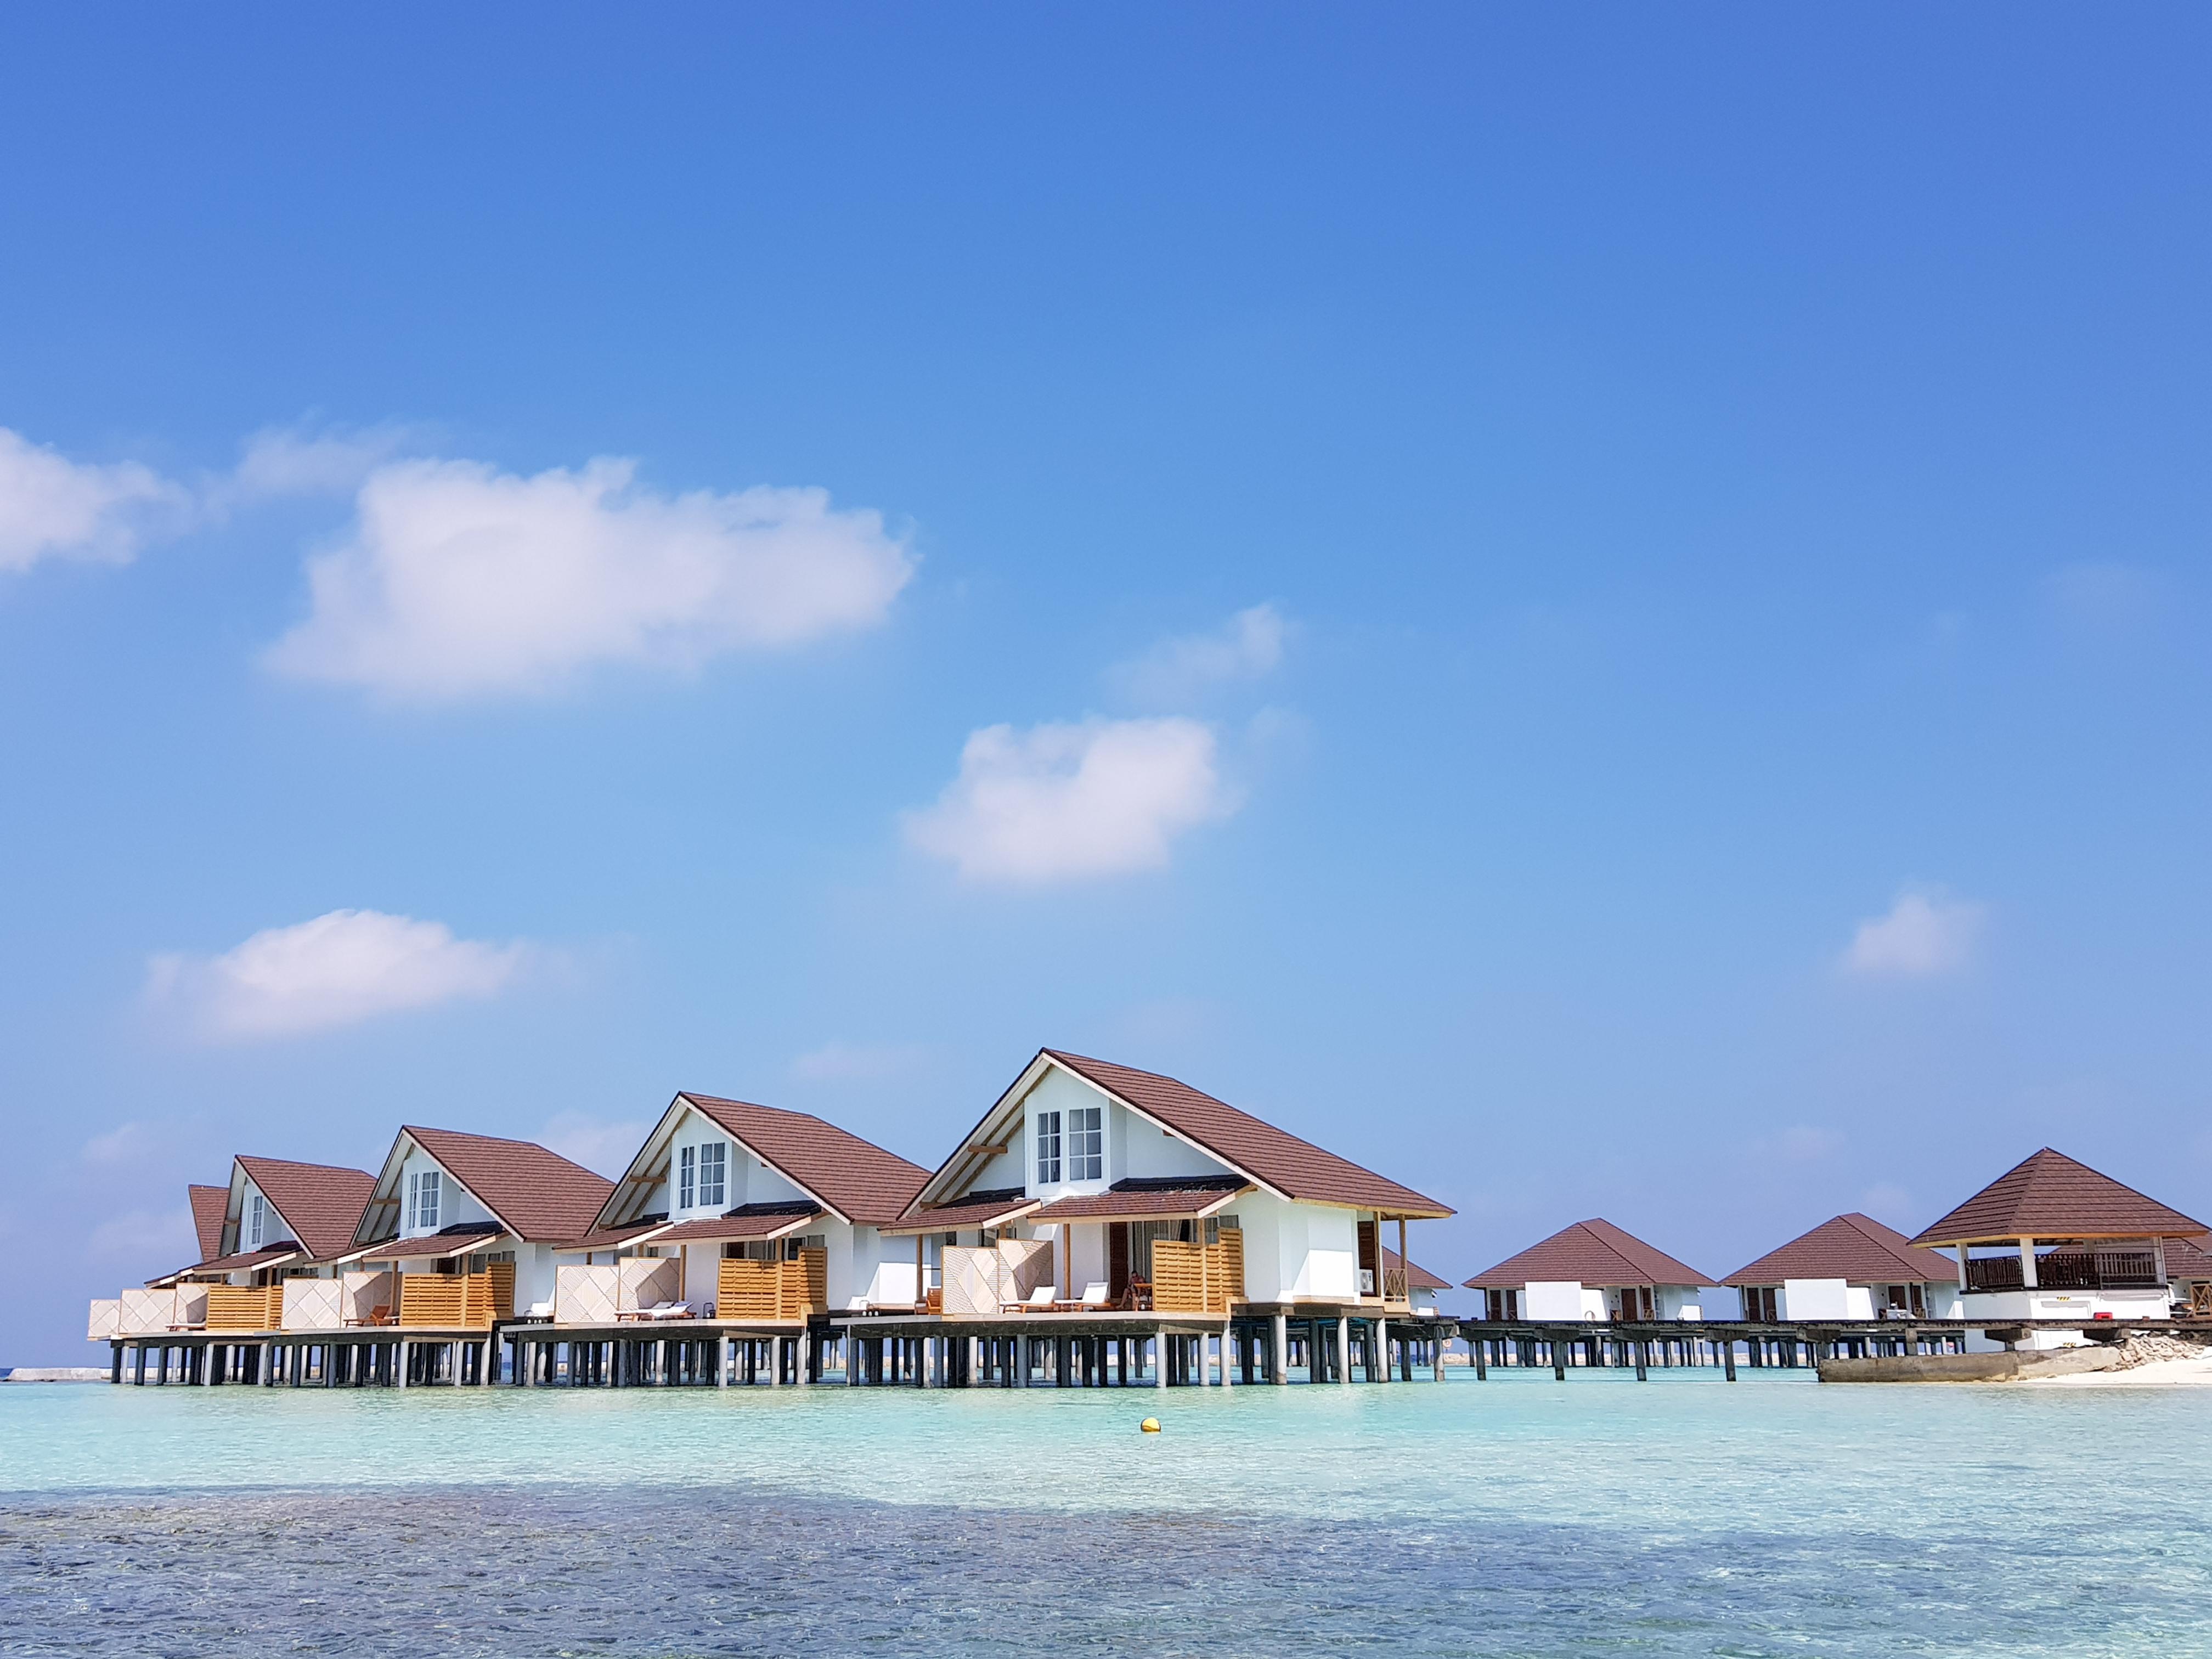 [몰디브]  가족여행 리조트! 엘라이두 몰디브 바이 시나몬/Ellaidhoo Maldives By Cinnamon